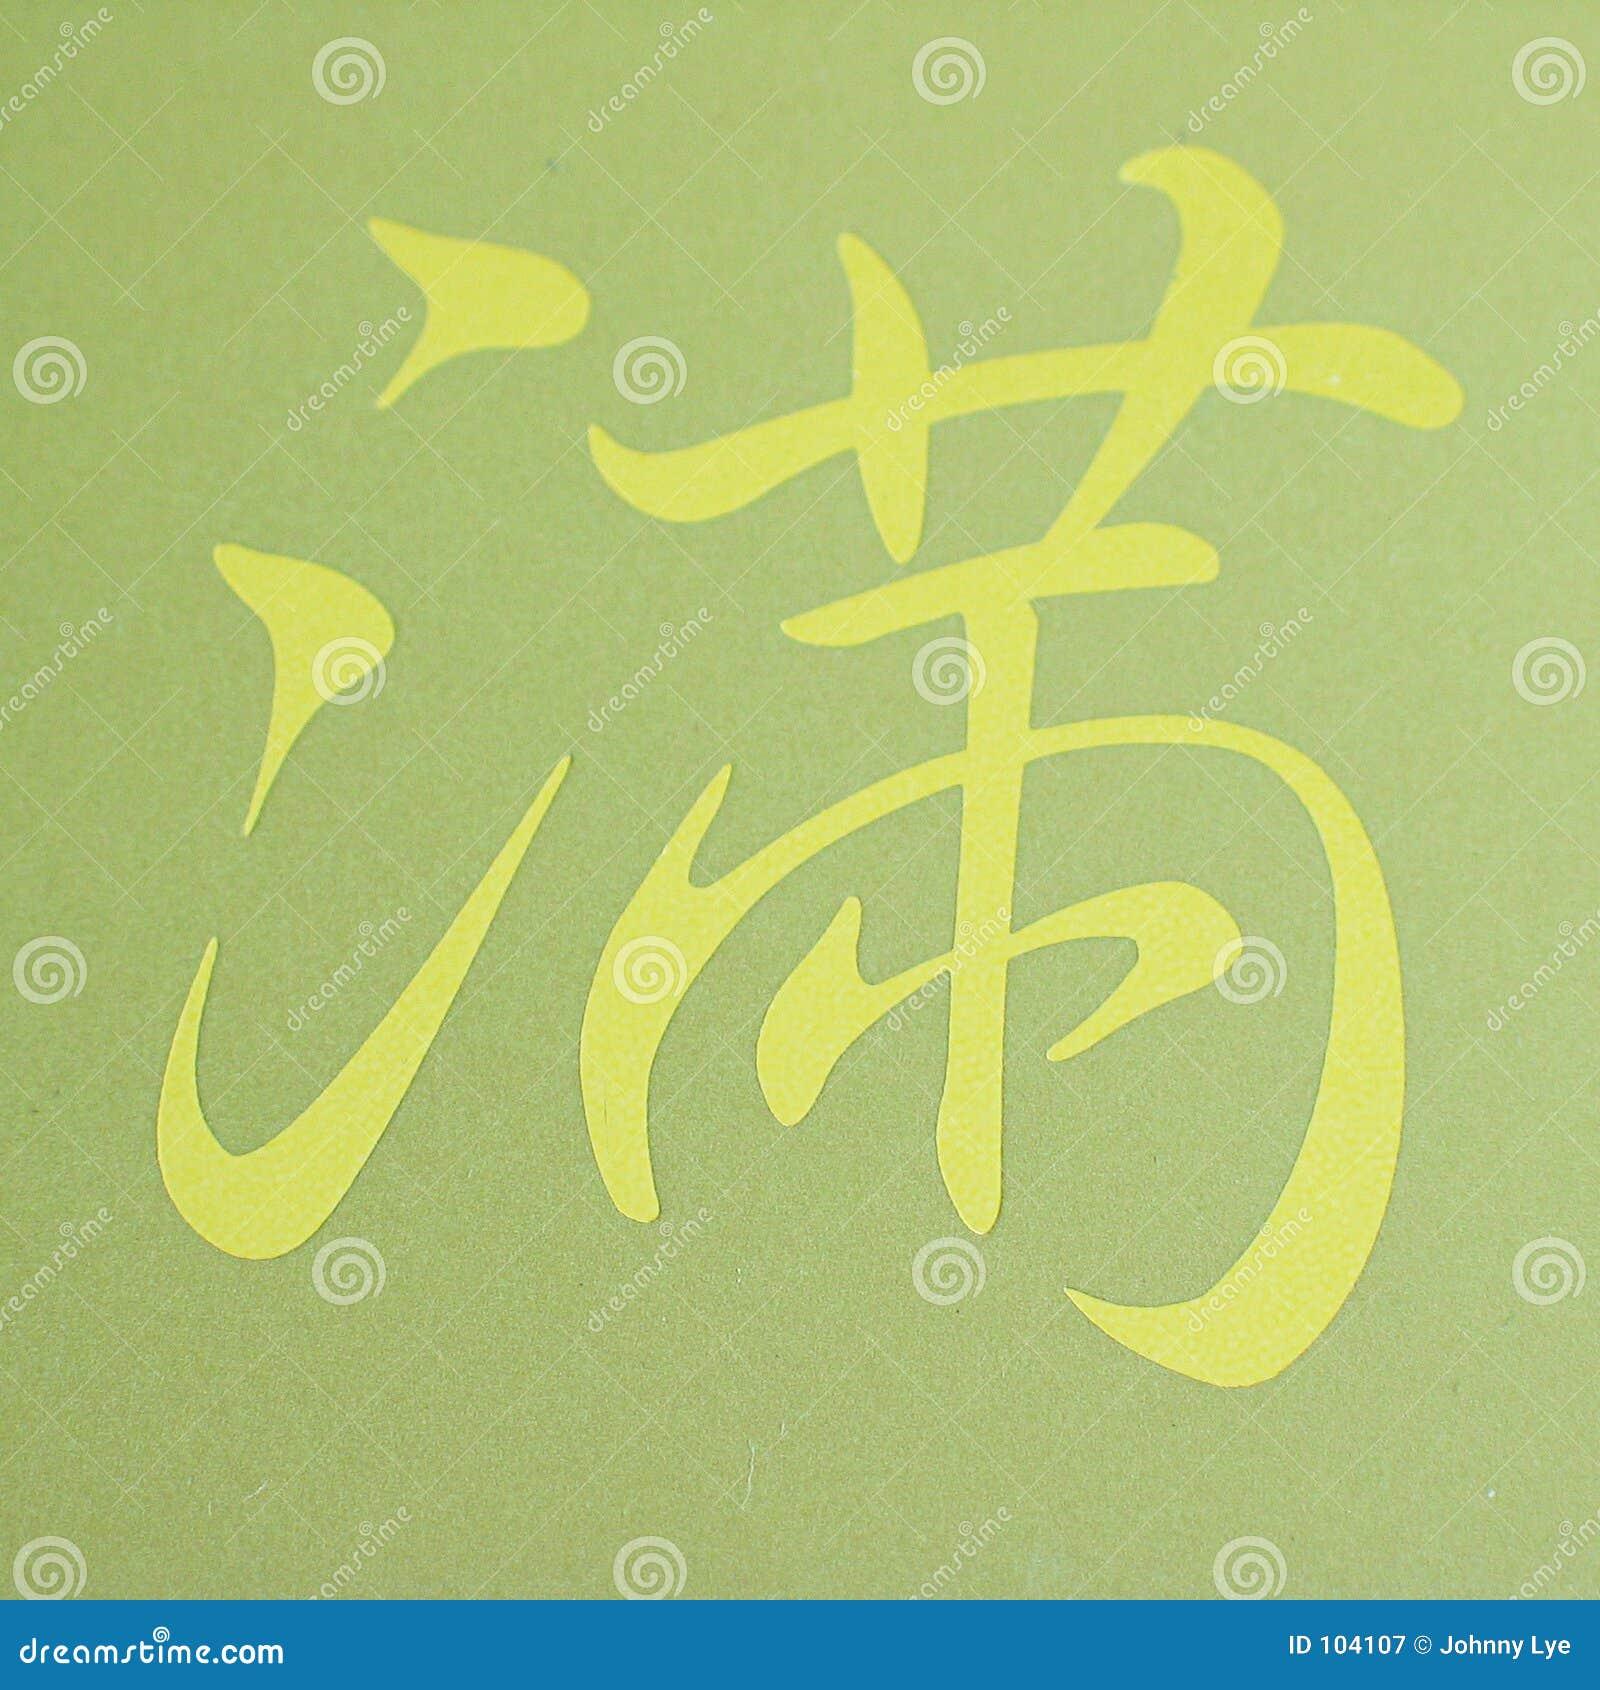 χαρακτήρας κινέζικα